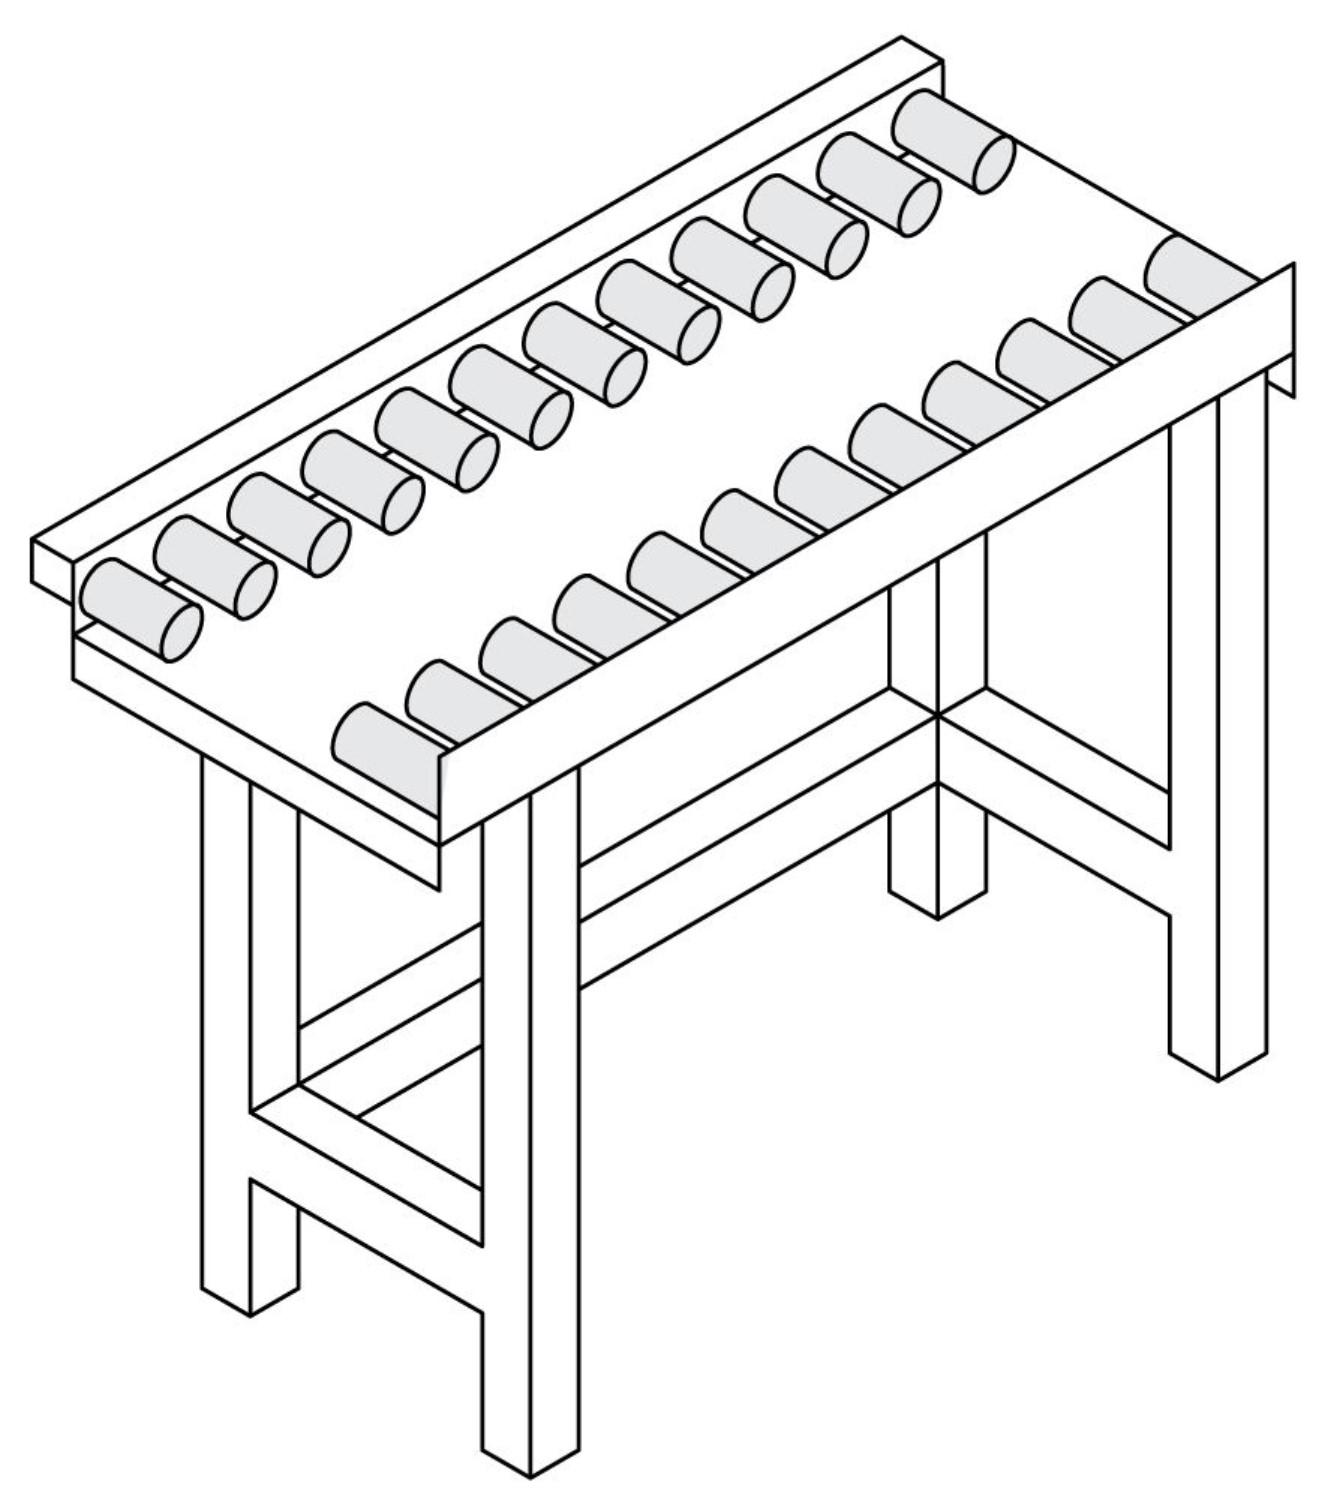 raouliera-eisodou-eksodou-silanos-509636-genikoemporio-zagorianos